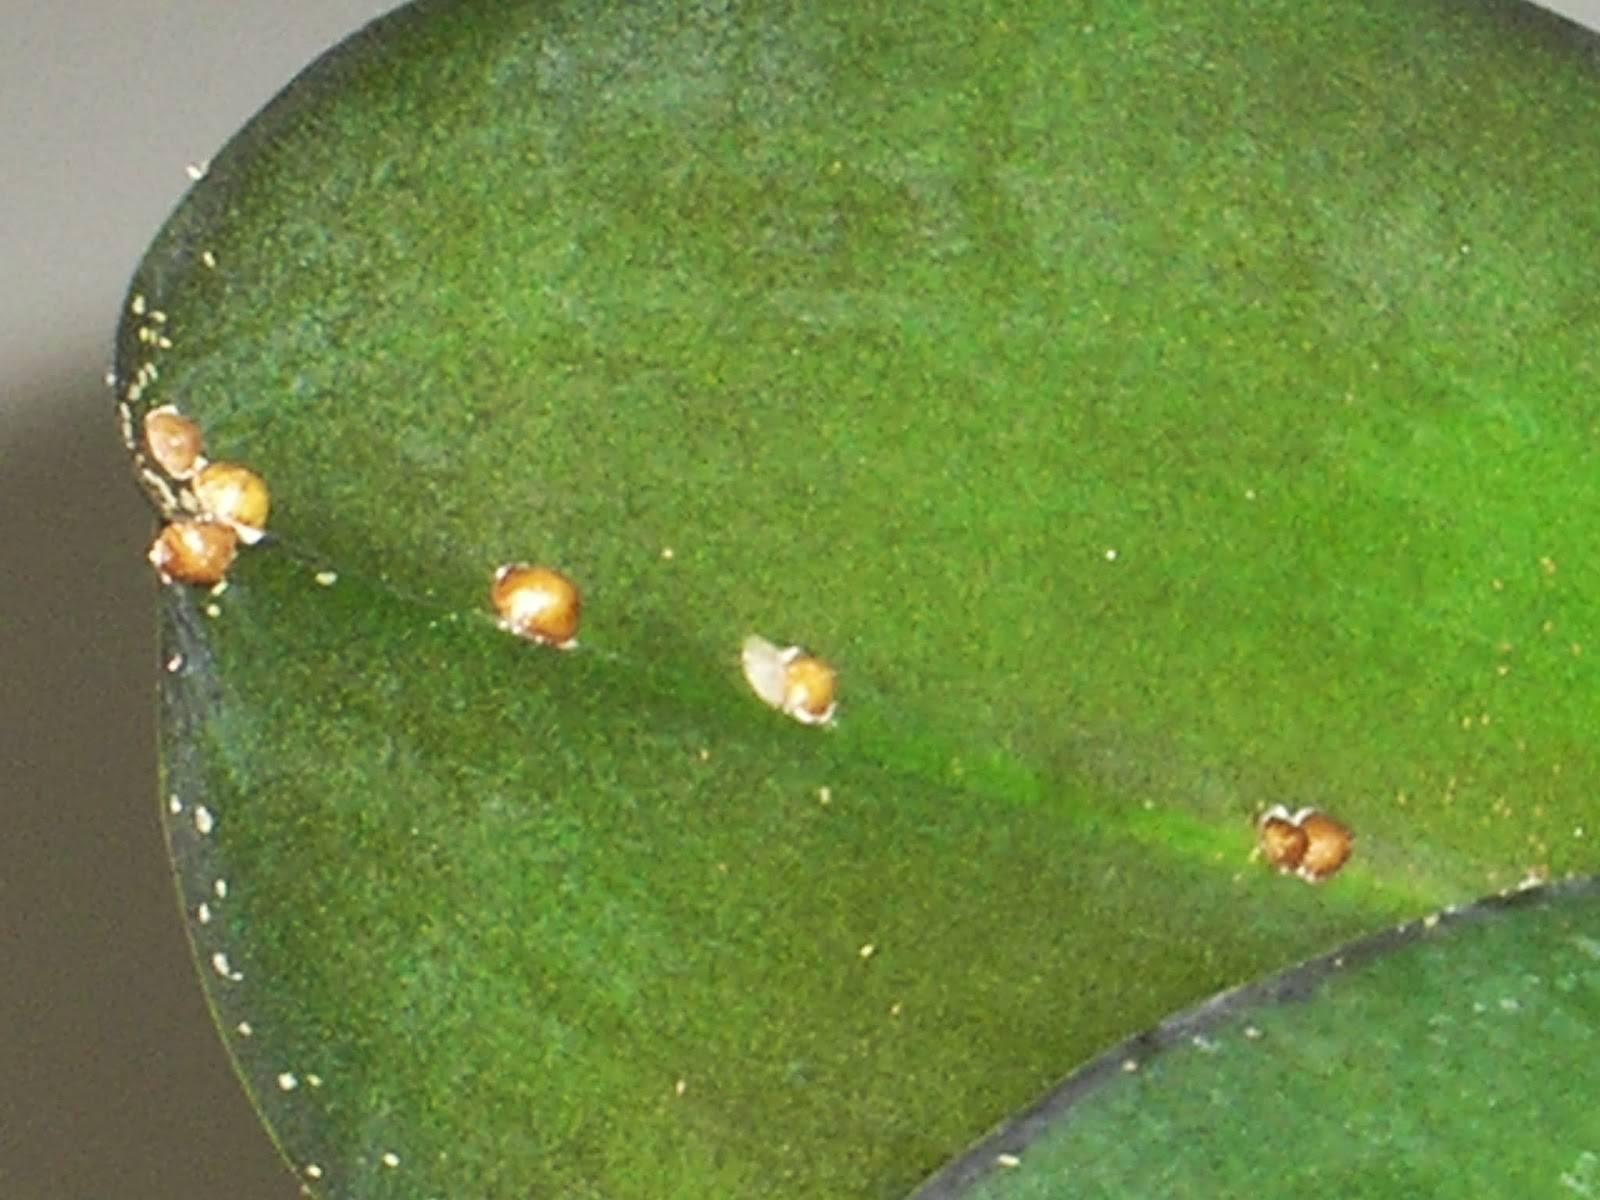 Тля на орхидеях: что делать с ней, как избавиться и вылечить растение, чем обработать цветок от этого белого вредителя, фото и видео по теме